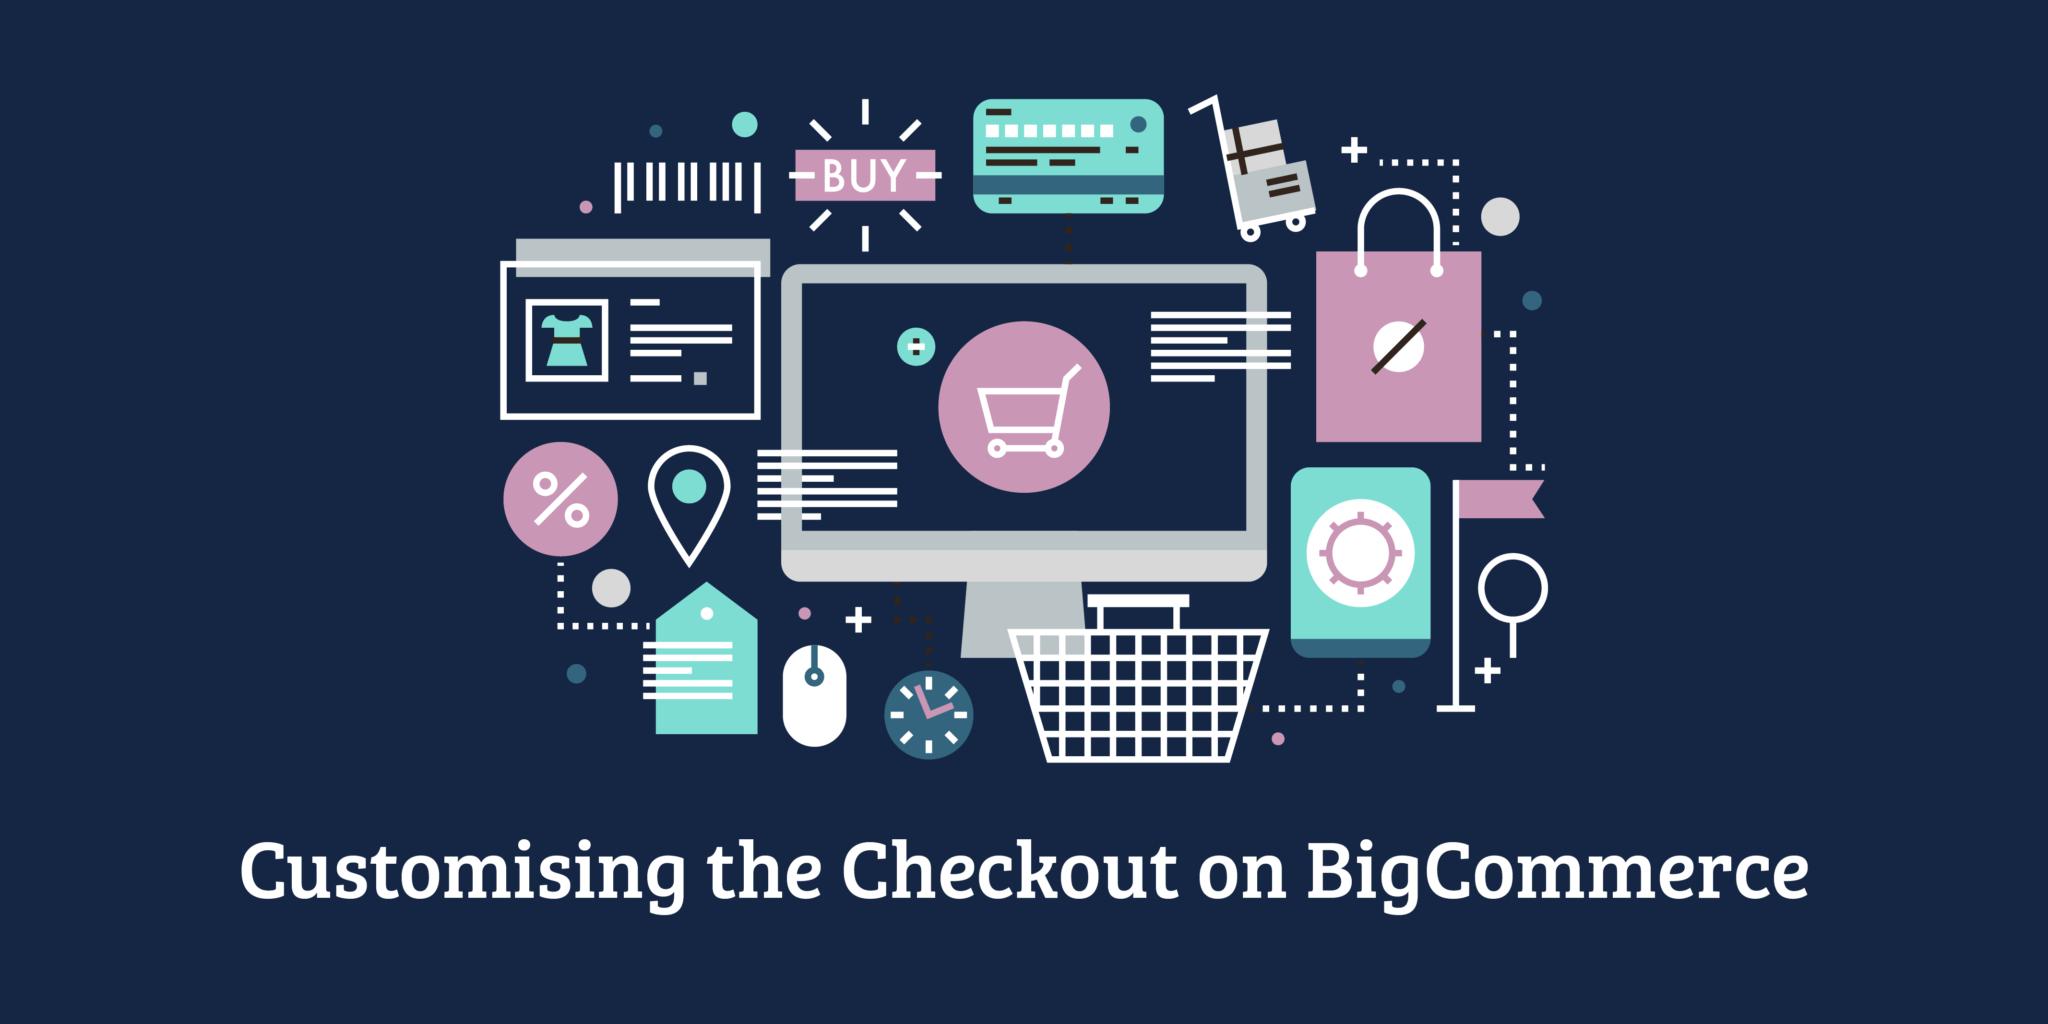 Customizing the checkout on BigCommerce